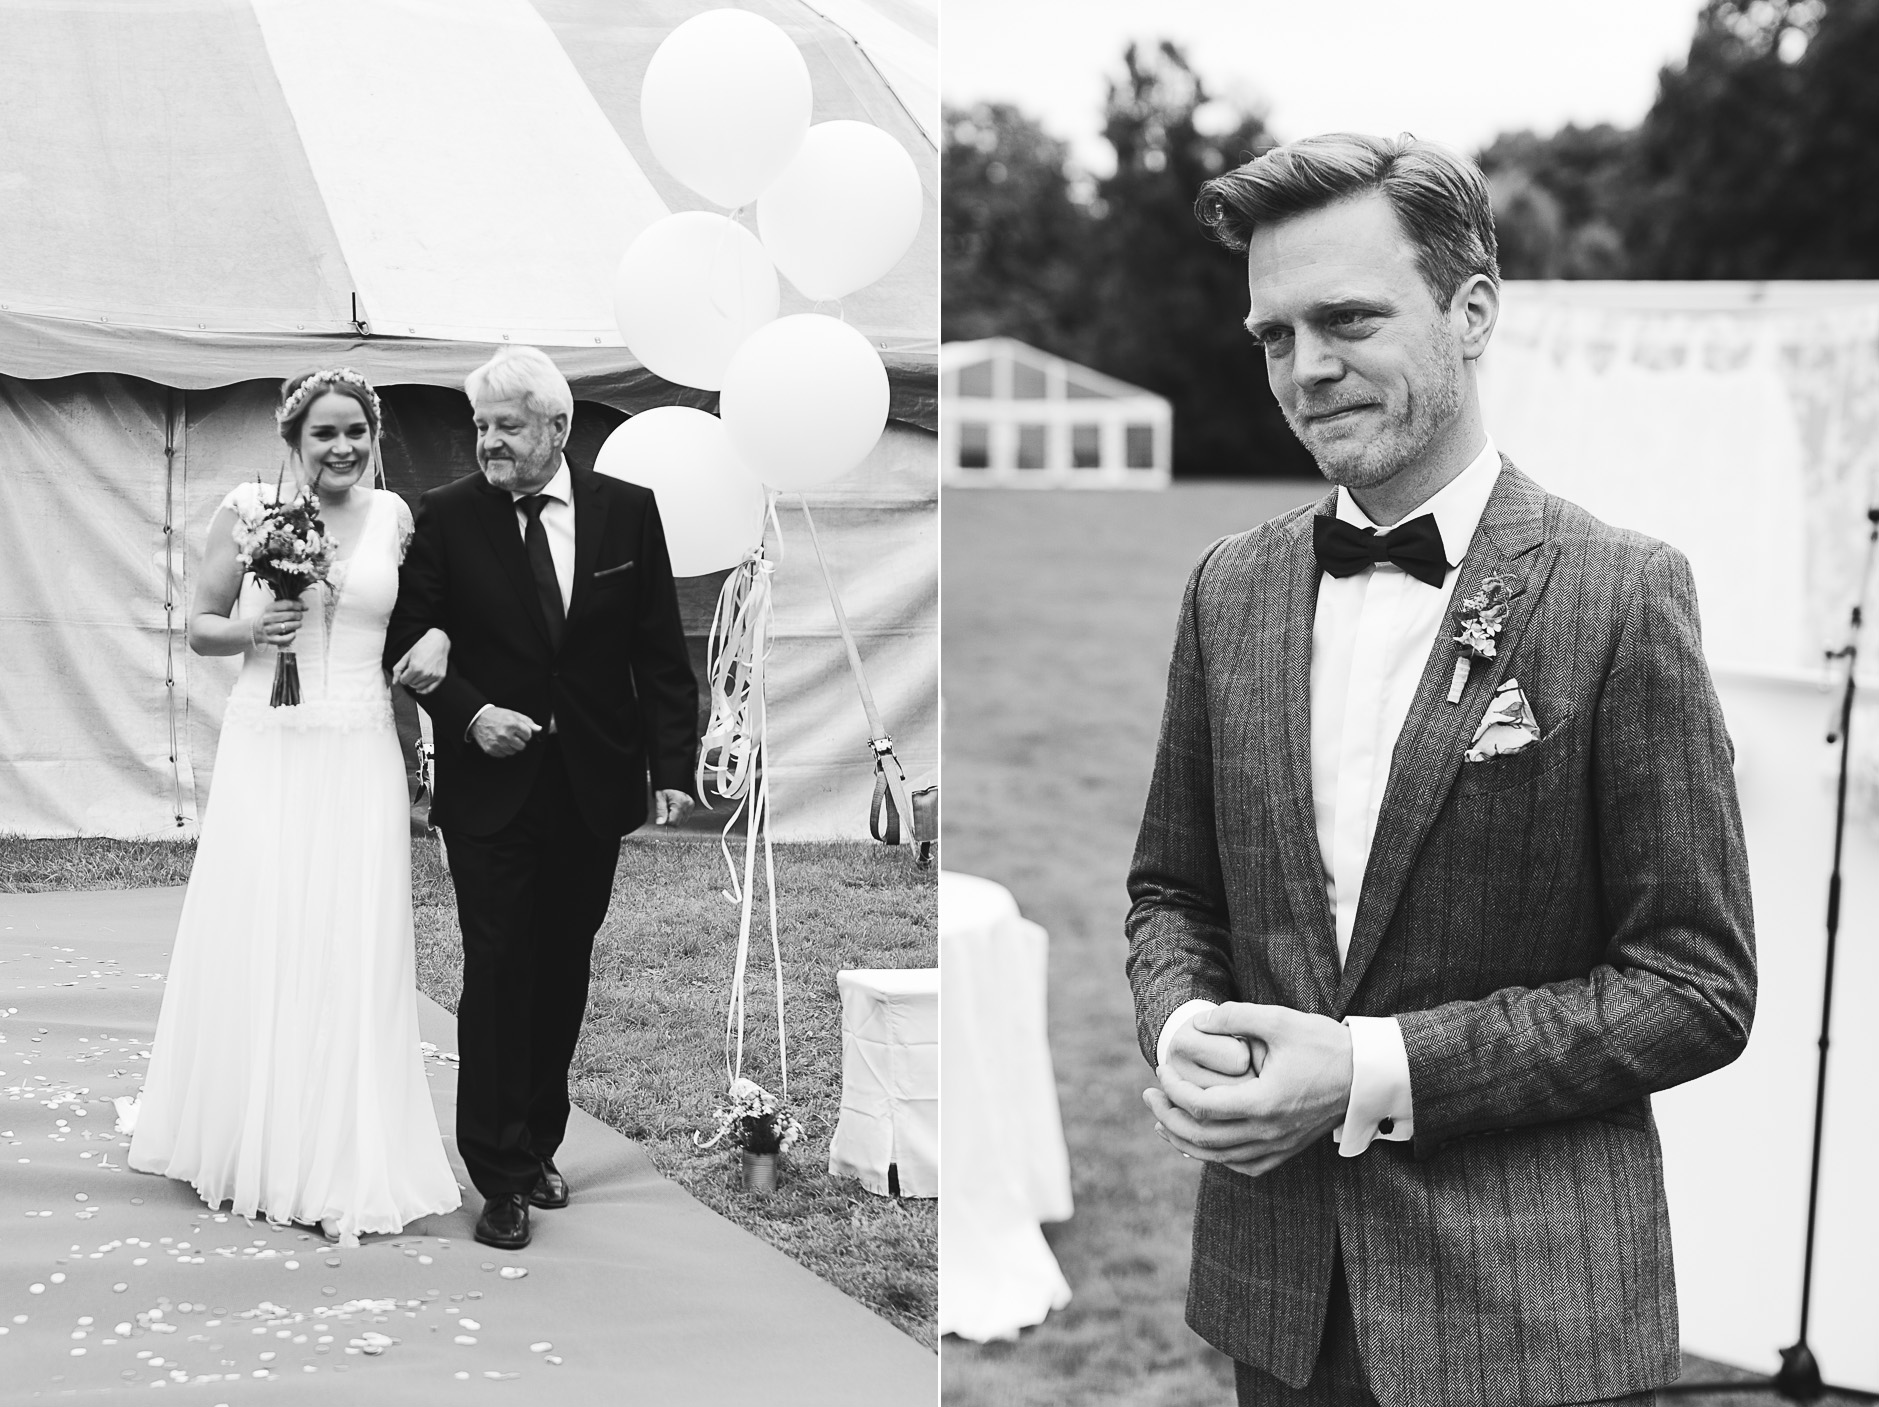 Hochzeitsfotograf Le Hai Linh Koeln Duesseldorf Bonn Zirkushochzeit Vintagehochzeit Sommerhochzeit 055.jpg